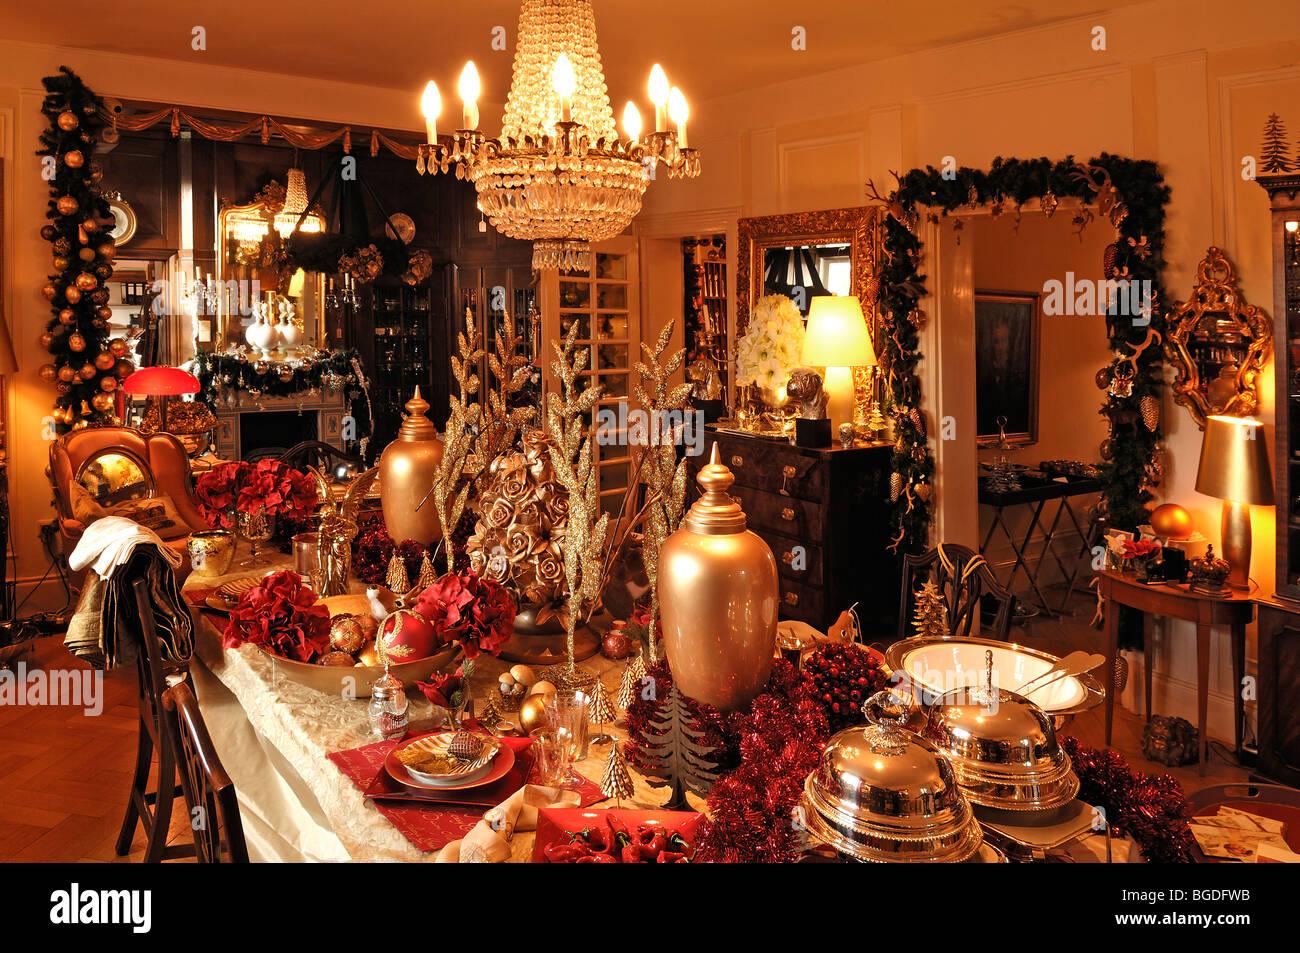 Üppige Weihnachtsdekoration In Einem Wohnzimmer Dekoriert Zu Verkaufen,  Villa Ambiente, Im Weller, Nürnberg, Middle Franconia, Bayern,